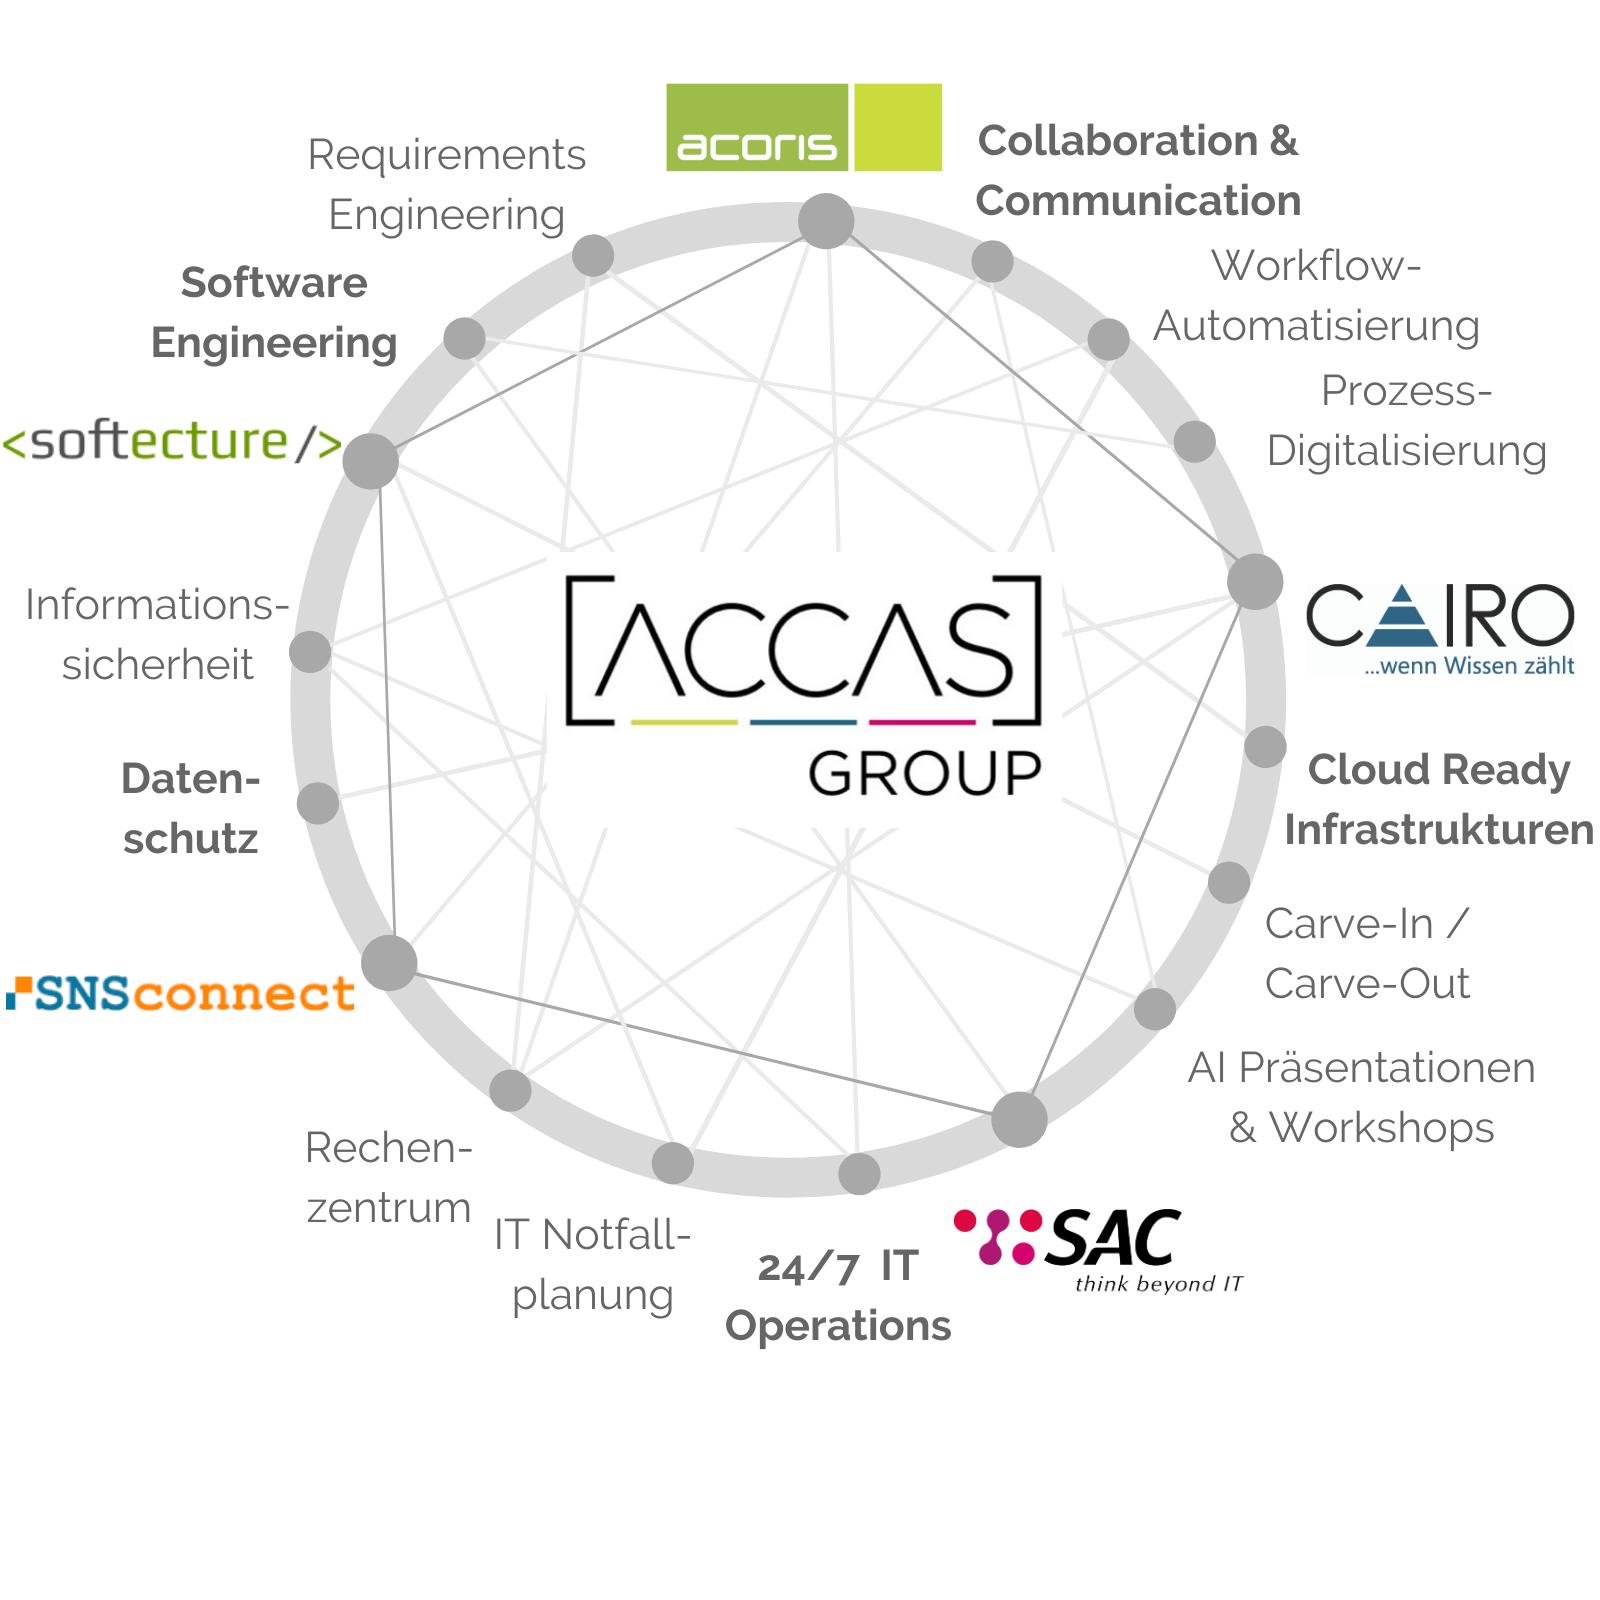 Kreis der mit den Leistungen der ACCAS-Mitglieder beschriftet ist.